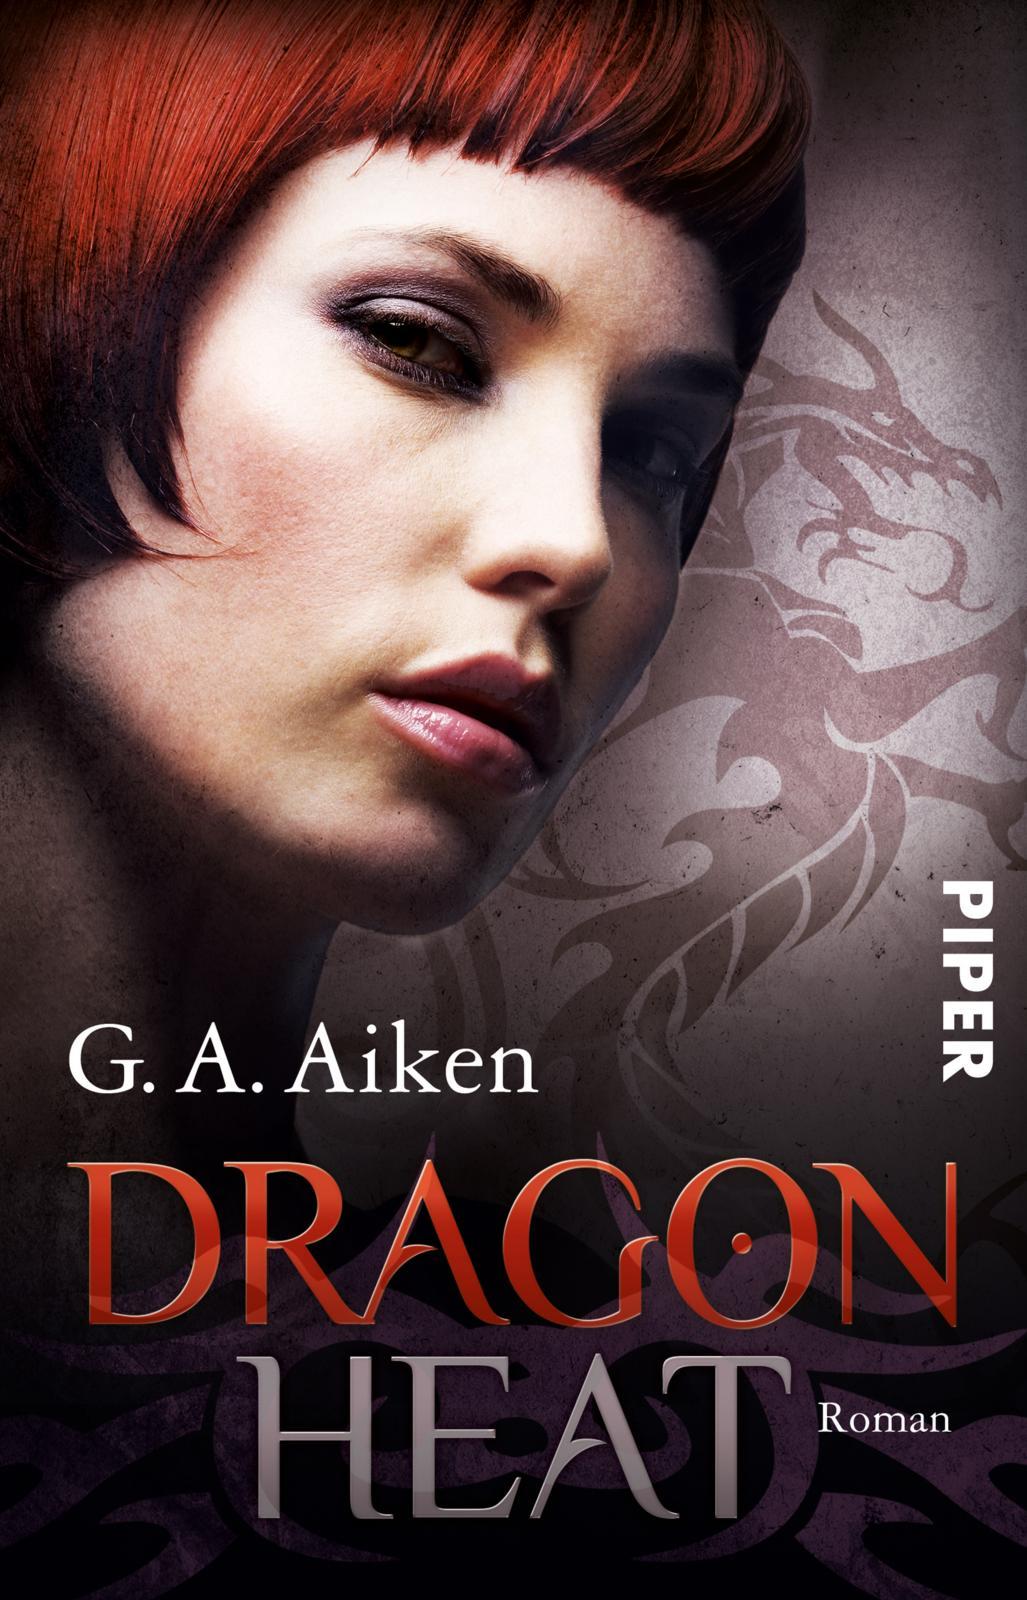 [Werbung] Dragon Heat – G. A. Aiken